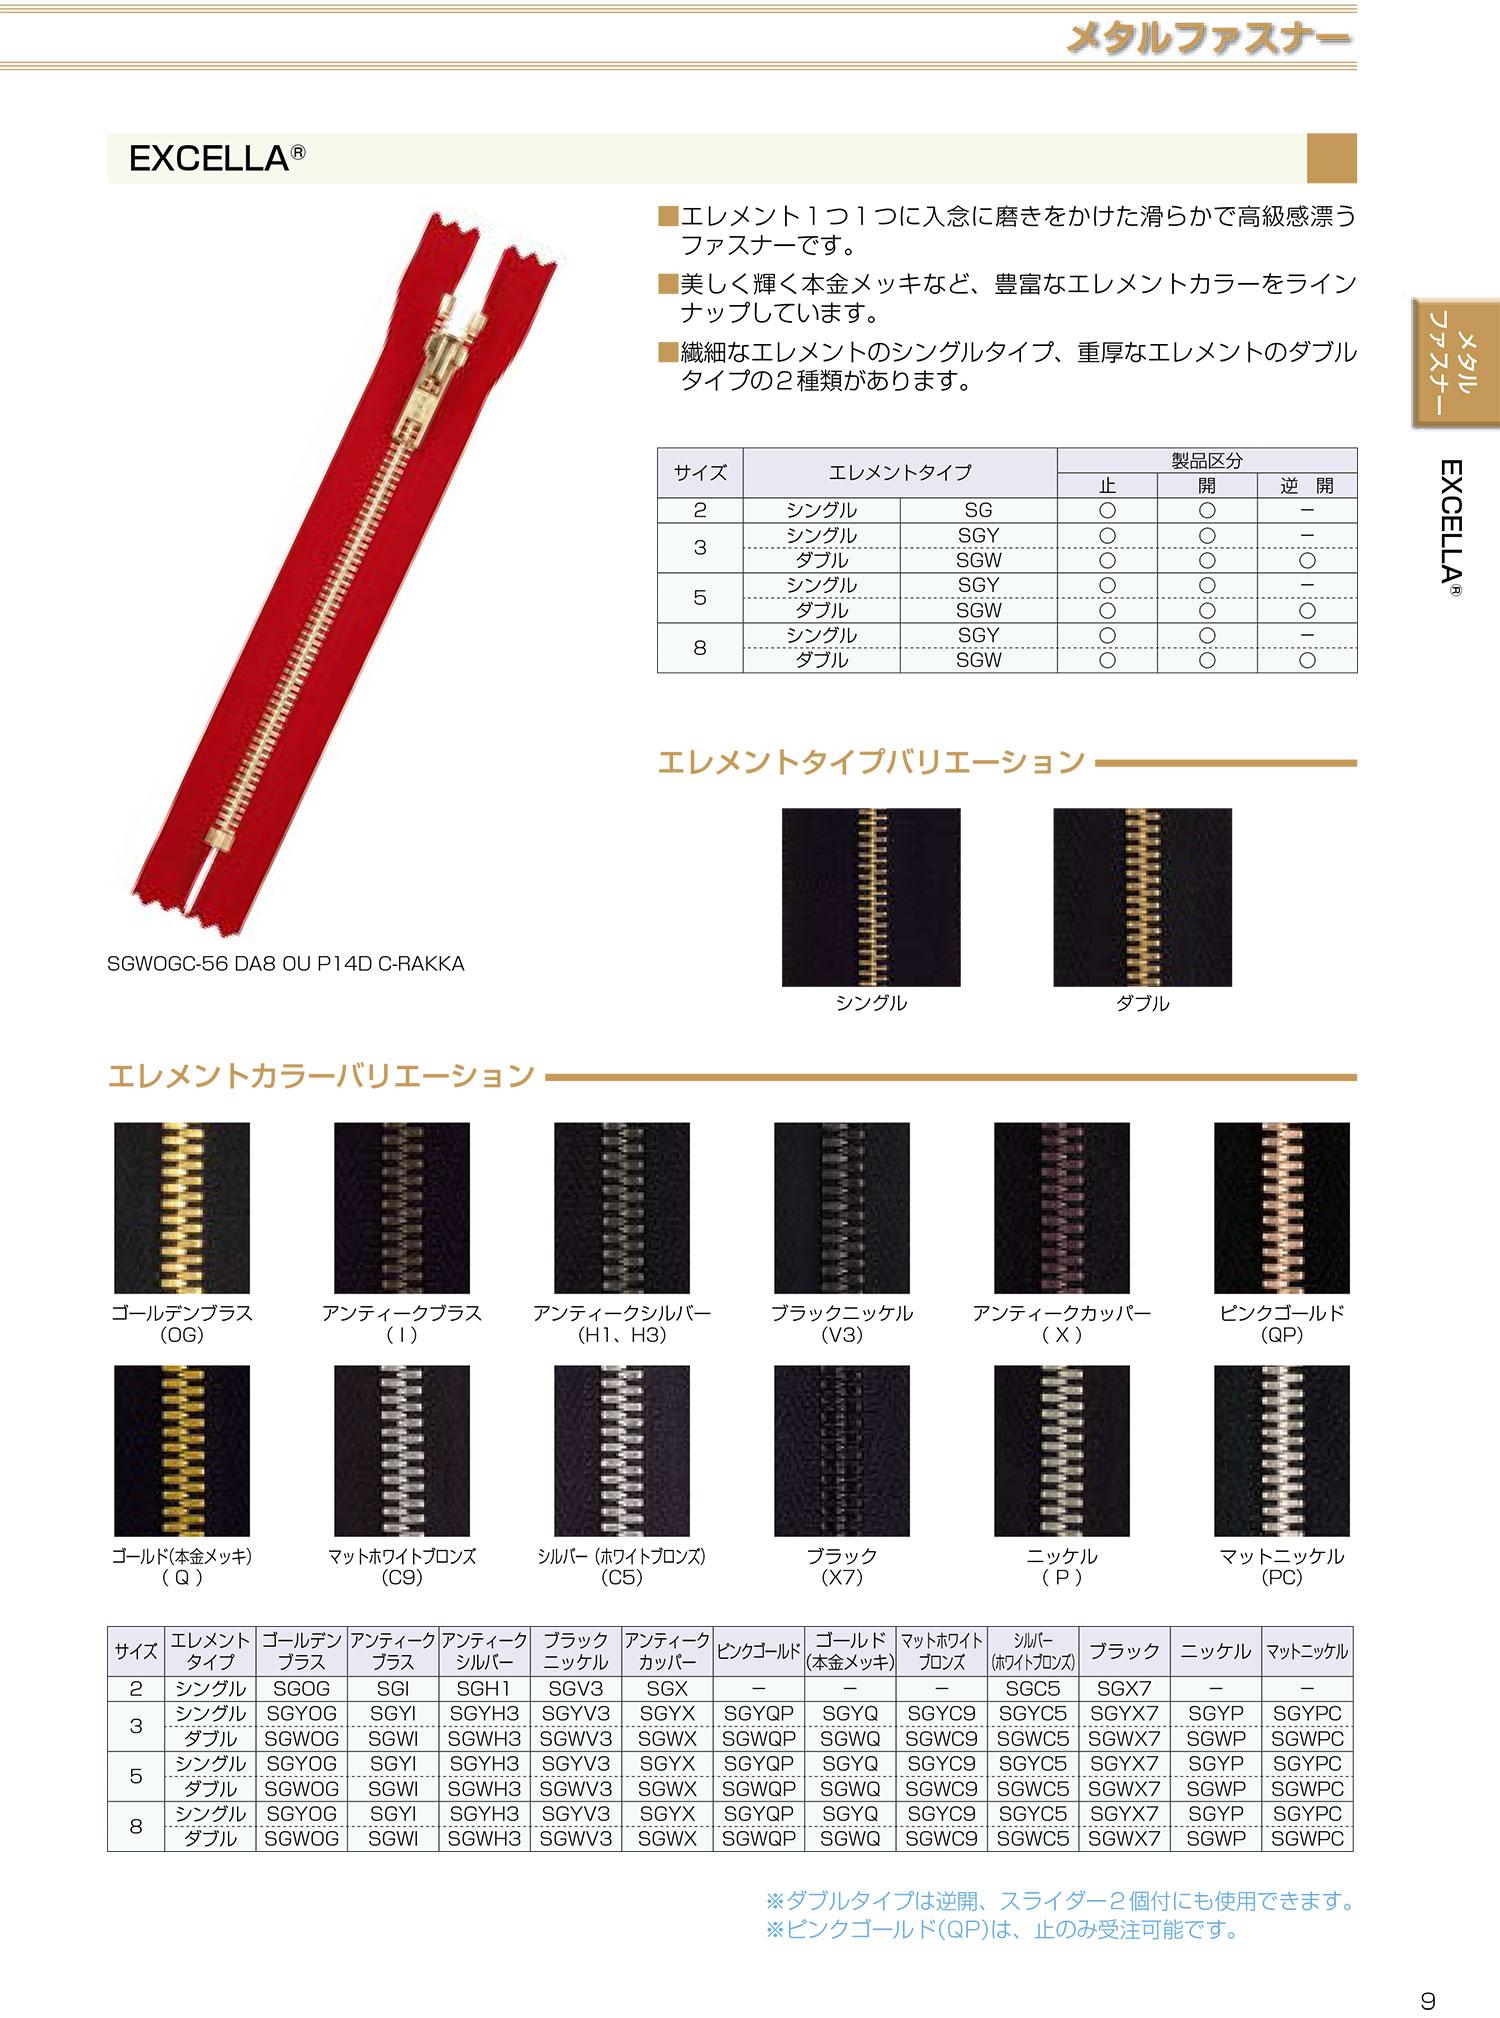 5SGWQOR エクセラ 5サイズ ゴールド(本金) オープン ダブル[ファスナー] YKK/オークラ商事 - ApparelX アパレル資材卸通販